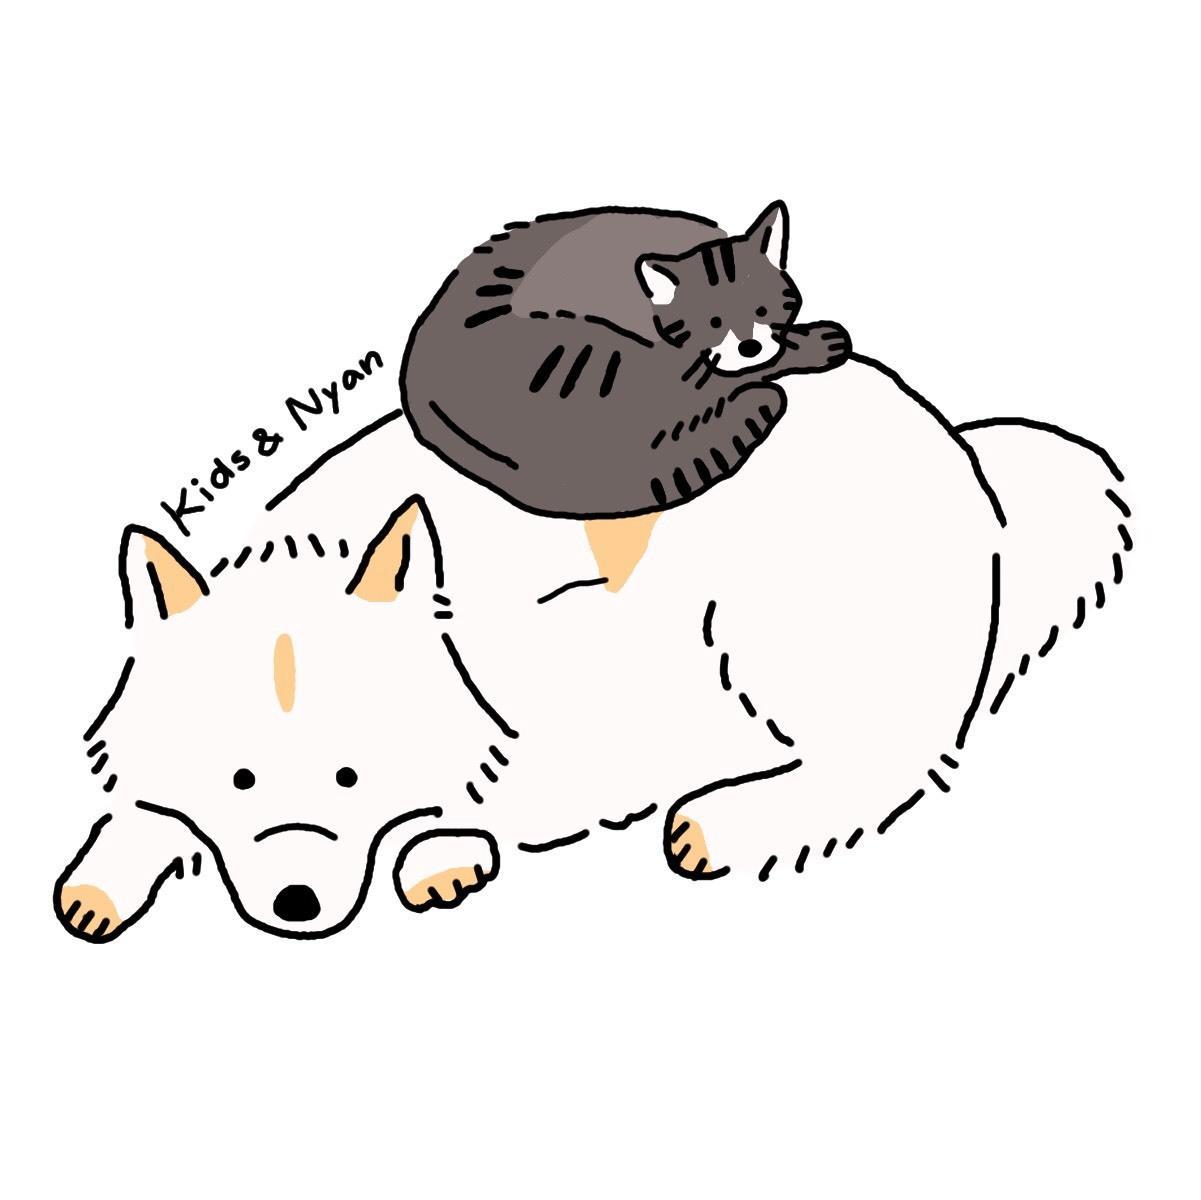 ペット・動物のイラストを描きます お写真をいただければどんな動物でもOKです!